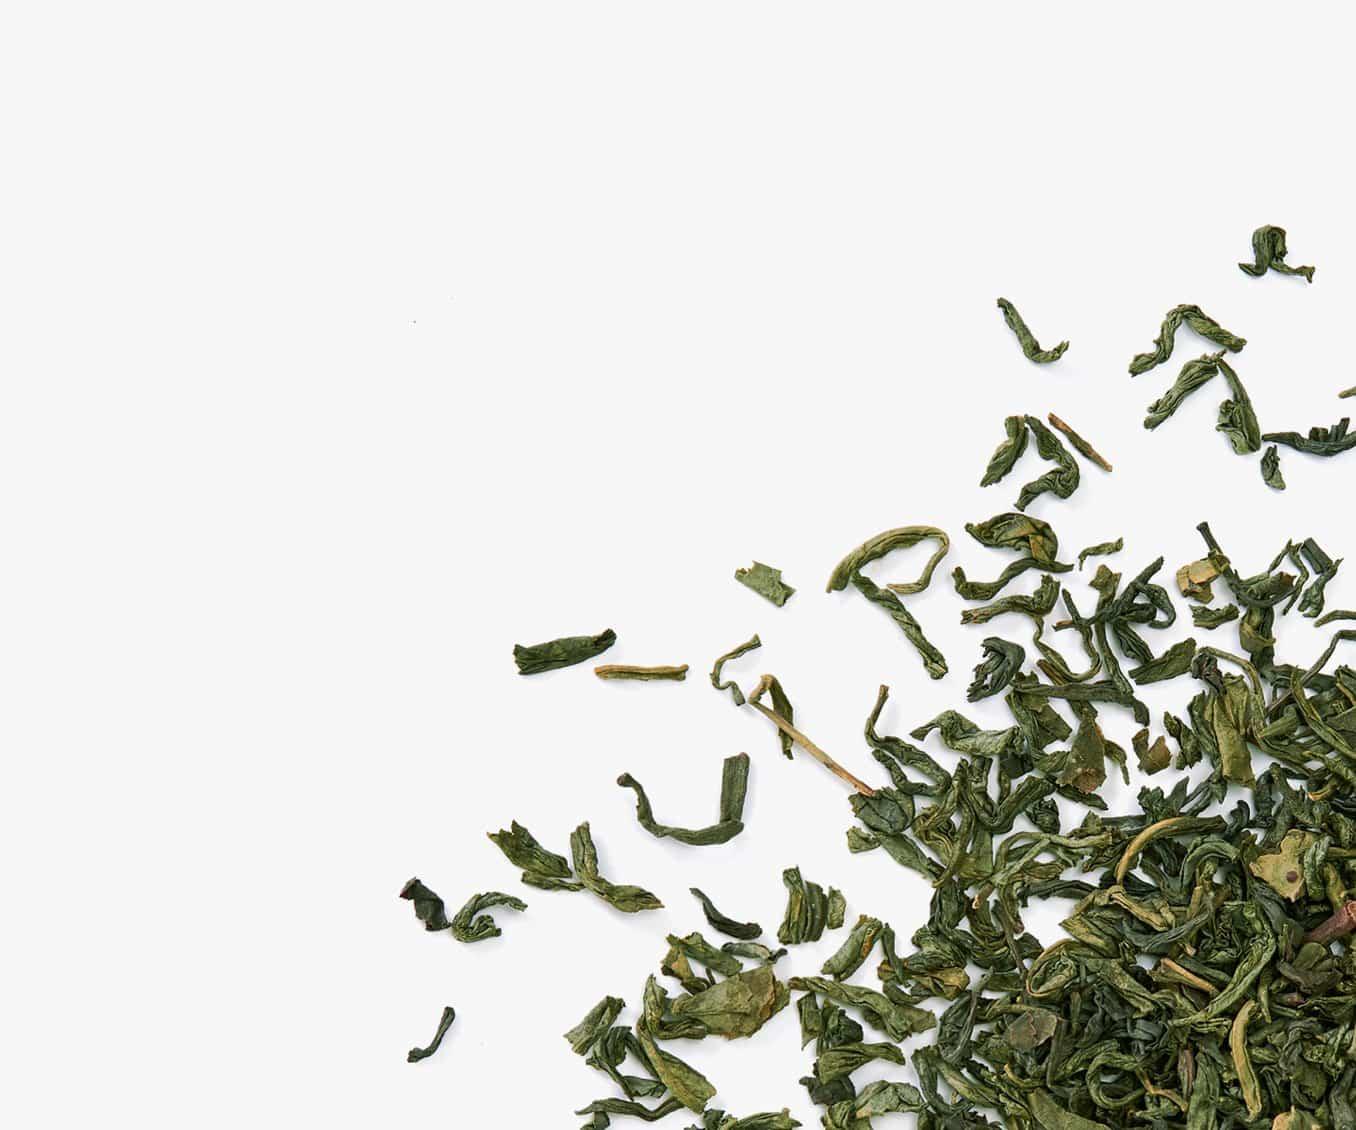 Thé vert en feuille placé dans le coin droit sur un fond blanc.